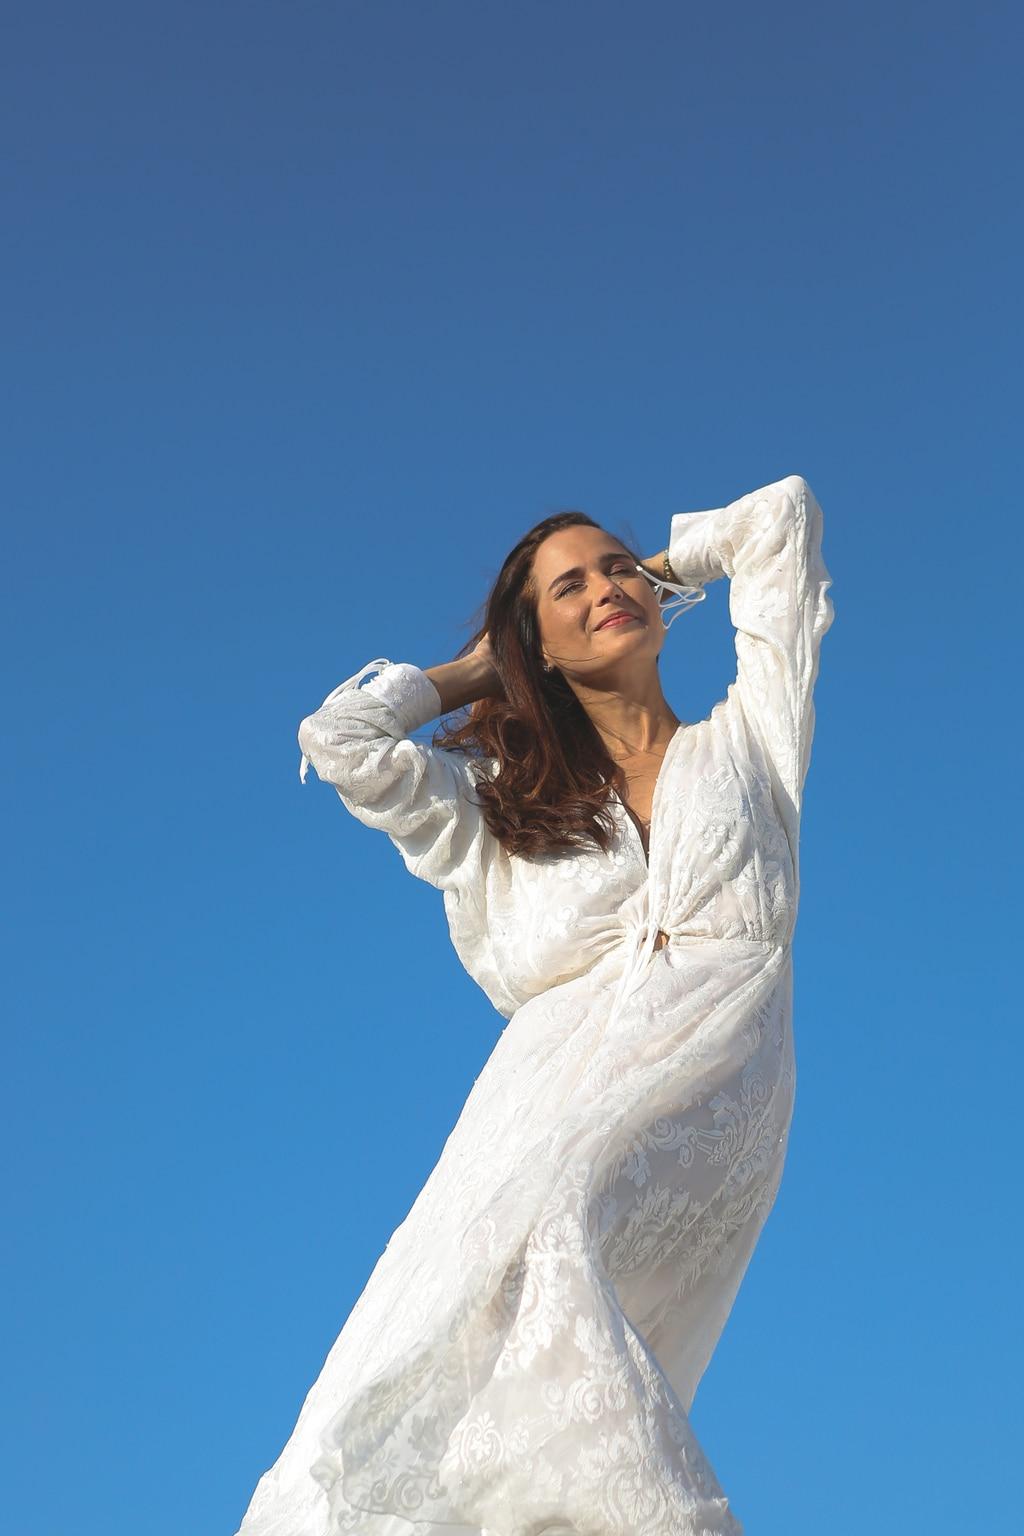 vestidos-ano-novo-reveillon-vestido-de-festa-julia-golldenzon-35